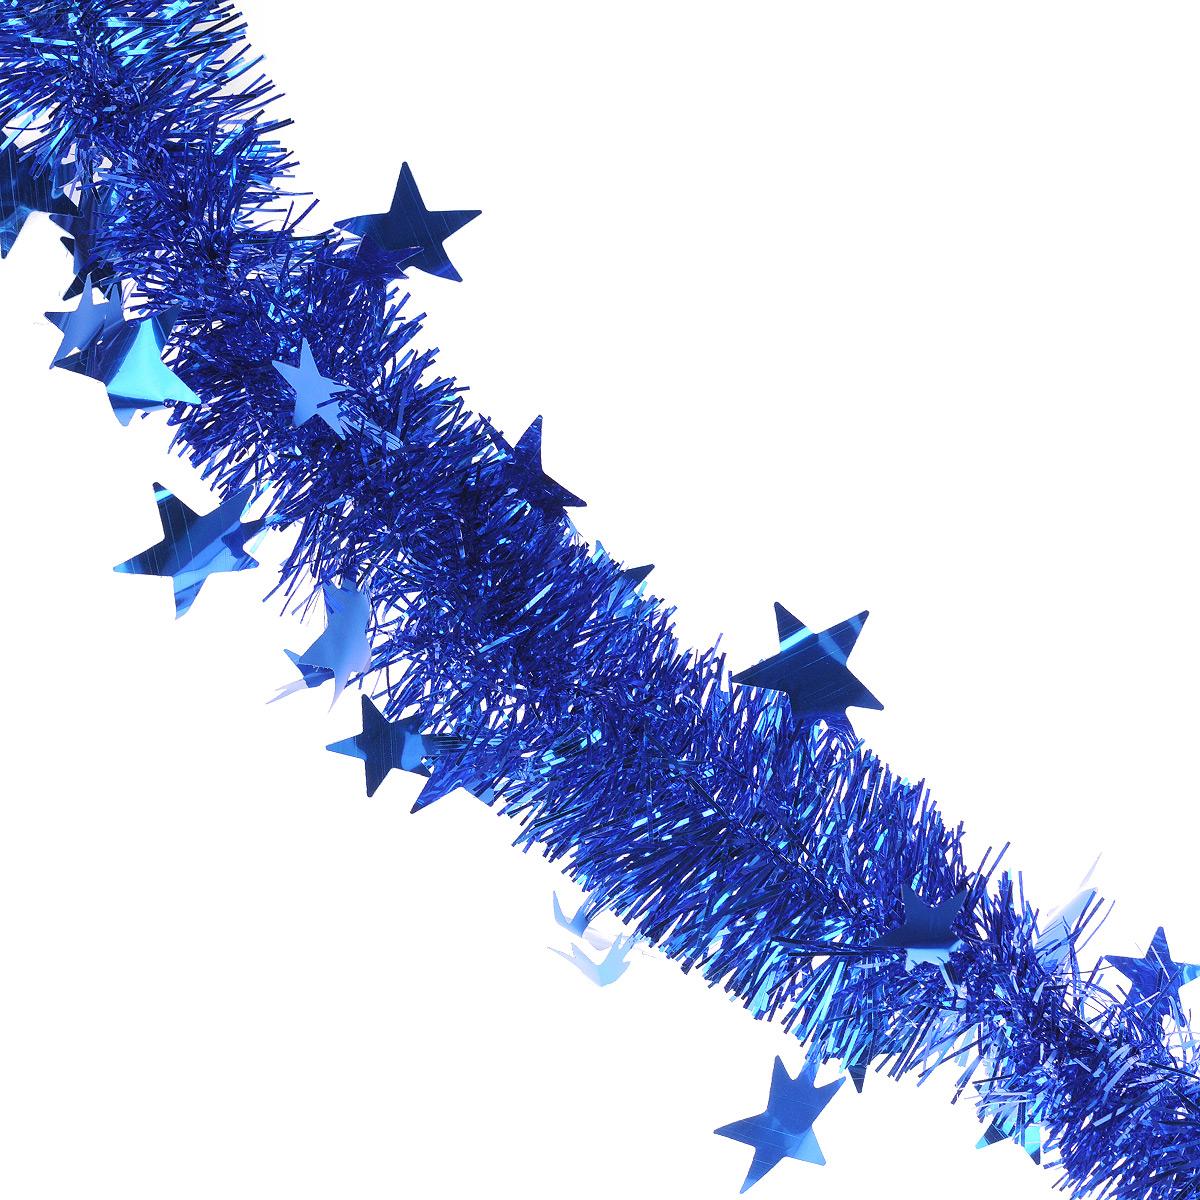 Мишура новогодняя Sima-land, цвет: синий, диаметр 5 см, длина 2 м. 702609702609Мишура новогодняя Sima-land, выполненная из фольги, поможет вам украсить свой дом к предстоящим праздникам. Мишура армирована, то есть имеет проволоку внутри и способна сохранять приданную ей форму.Новогодняя елка с таким украшением станет еще наряднее. Новогодней мишурой можно украсить все, что угодно - елку, квартиру, дачу, офис - как внутри, так и снаружи. Можно сложить новогодние поздравления, буквы и цифры, мишурой можно украсить и дополнить гирлянды, можно выделить дверные колонны, оплести дверные проемы. Коллекция декоративных украшений из серии Зимнее волшебство принесет в ваш дом ни с чем несравнимое ощущение праздника! Создайте в своем доме атмосферу тепла, веселья и радости, украшая его всей семьей.